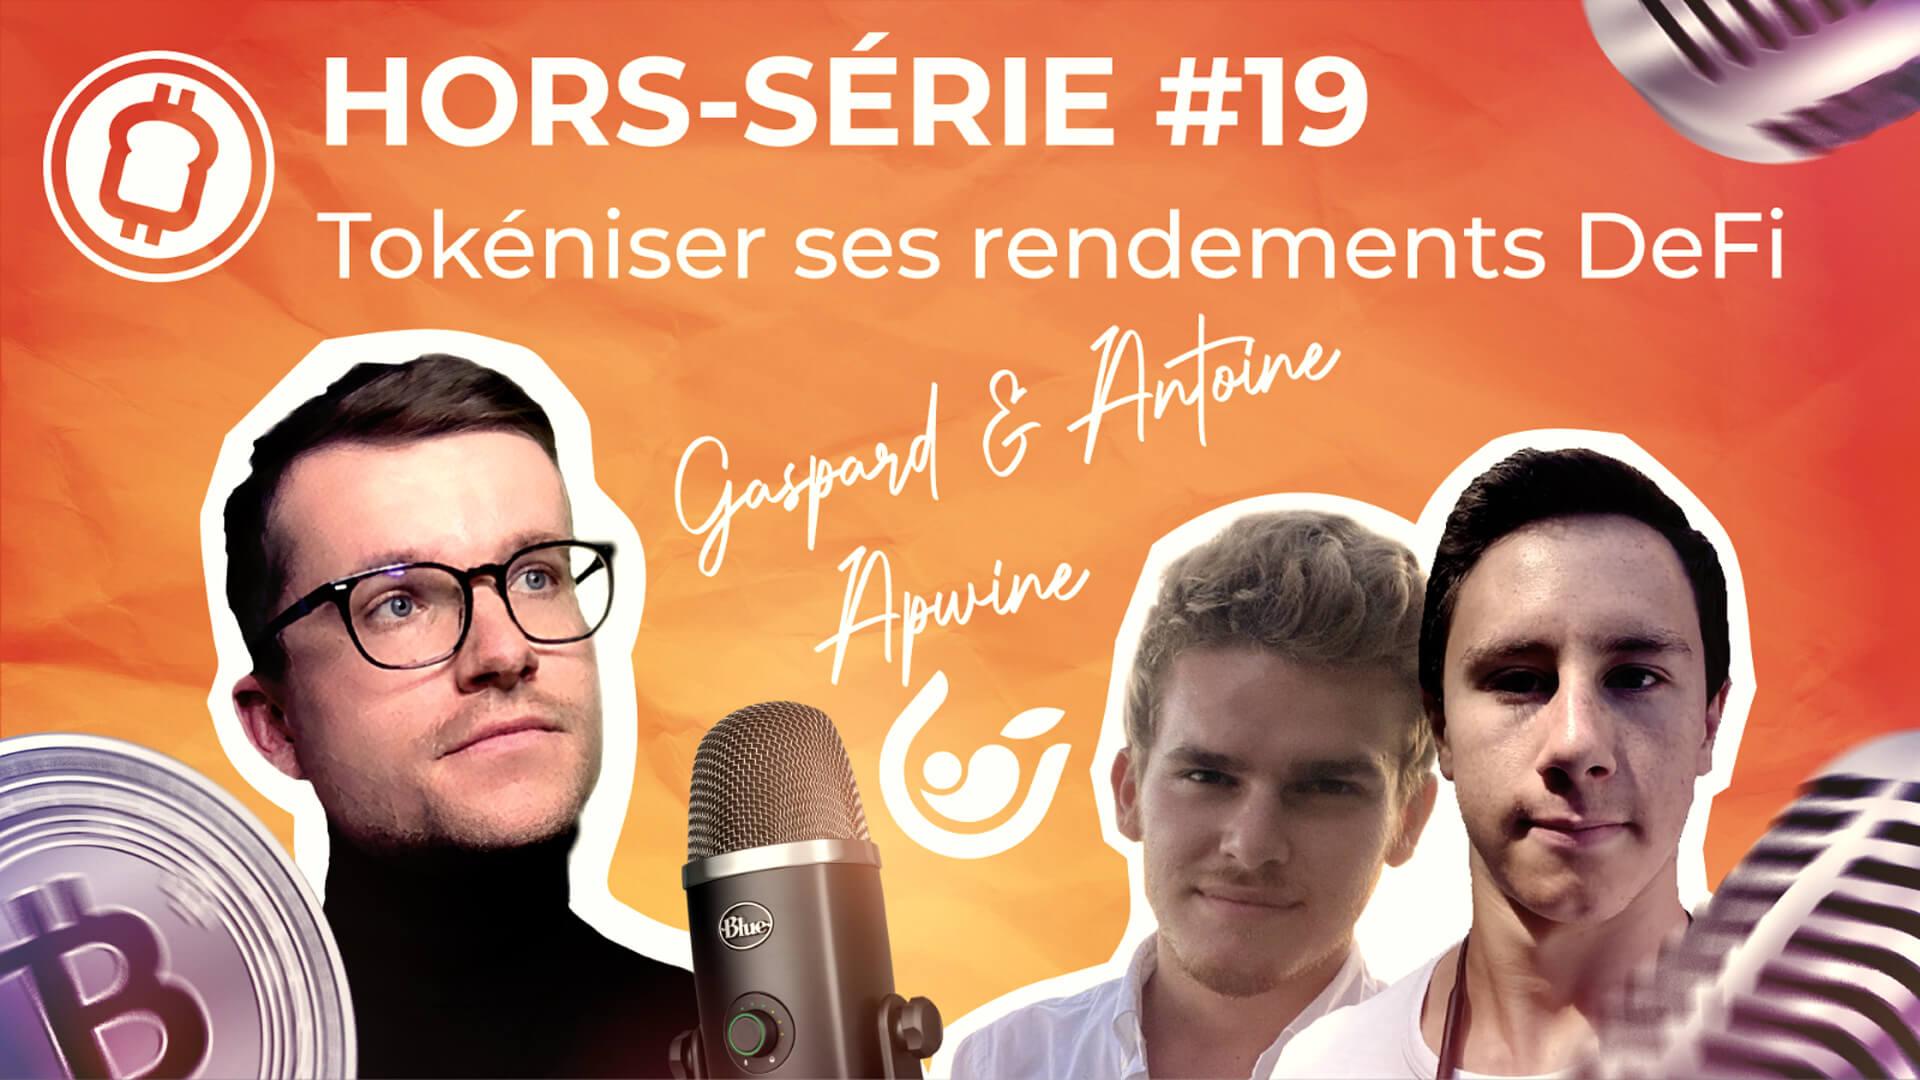 Podcast hors-série #19 - Garantir ses rendements dans la finance décentralisée, avec APWINE